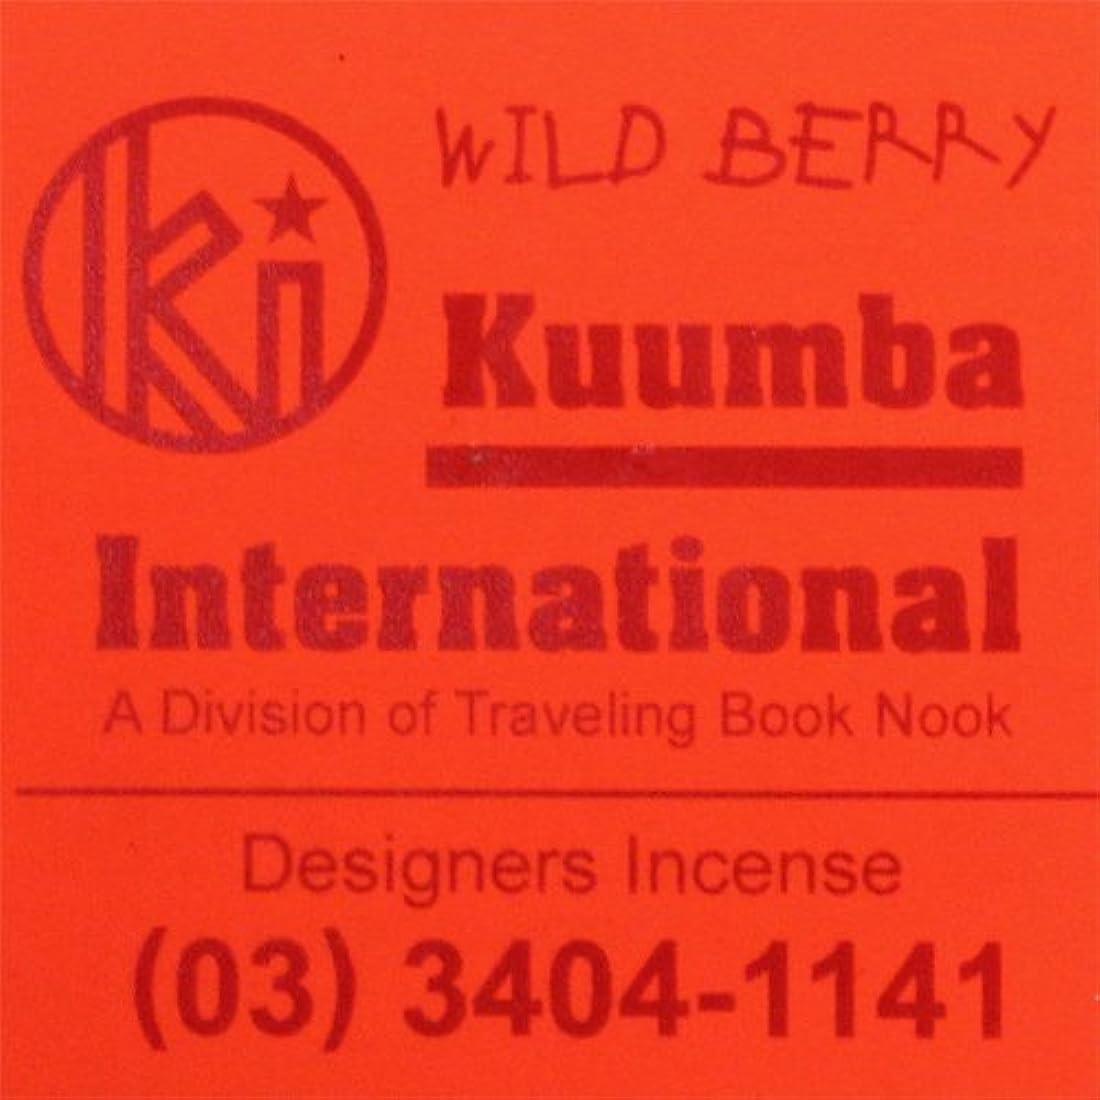 見込み見込み阻害するKUUMBA / クンバ『incense』(WILD BERRY) (Regular size)